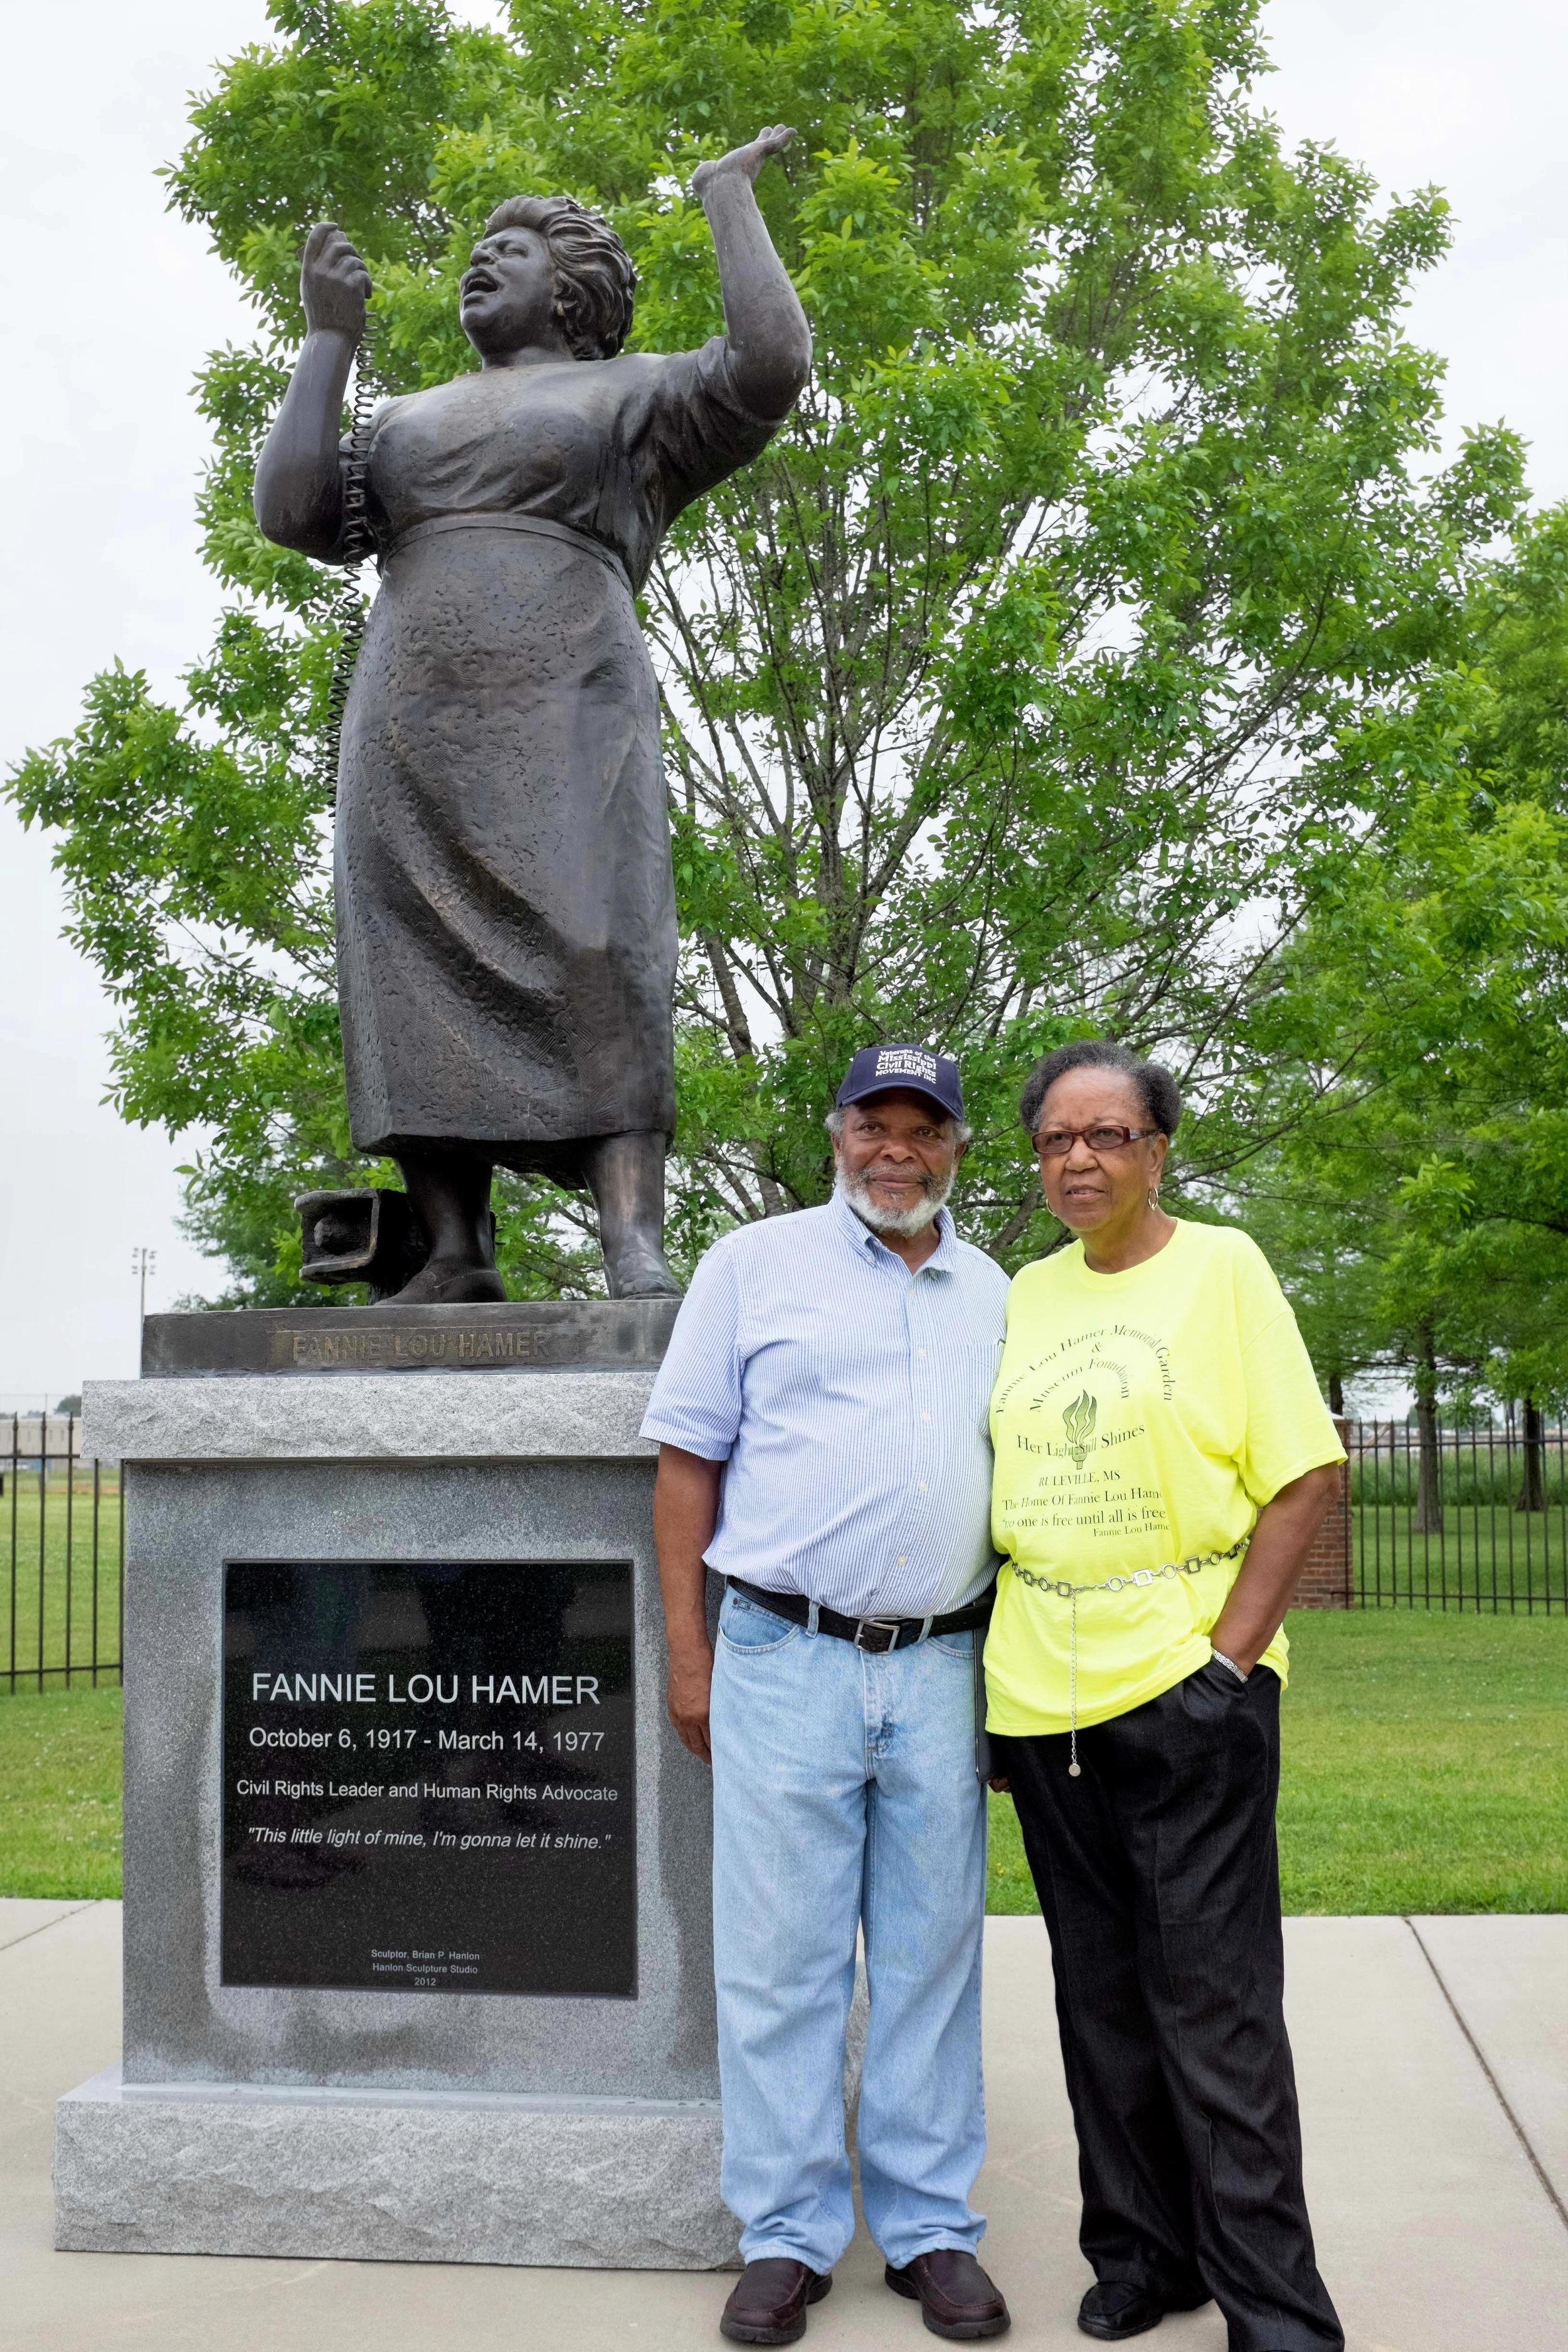 Charles Mclaren and Hattie Jordan